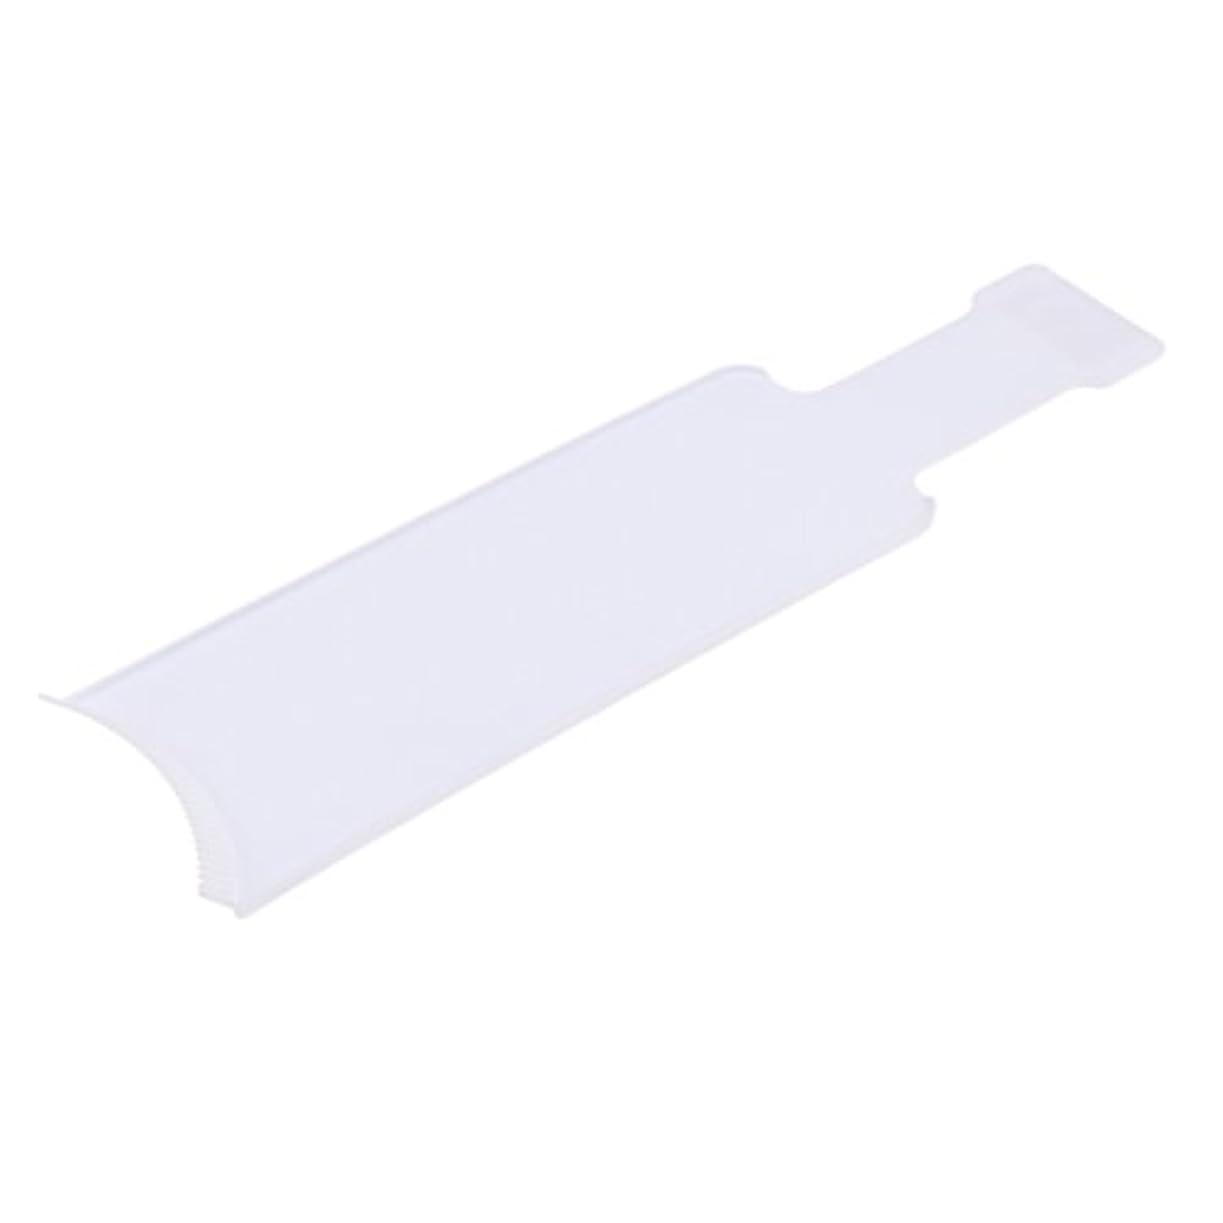 経過垂直地区染色櫛プレート 着色ボード 染めボード ヘアカラー ヘアブラシ 便利 おしゃれ染 2サイズ2色選べる - 白, L